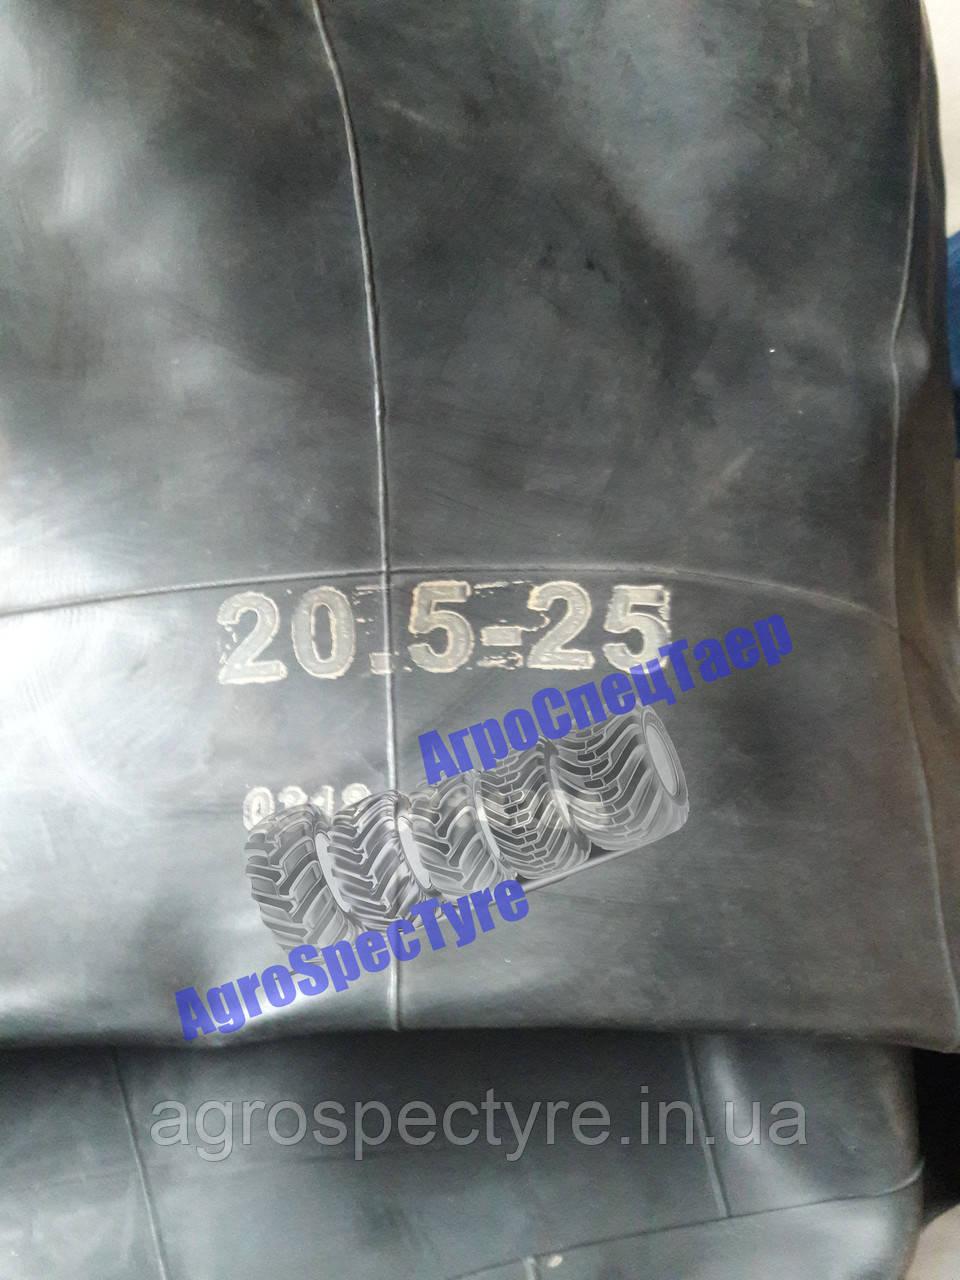 Камера 20.50-25 TRJ 1175C KABAT для погрузчика